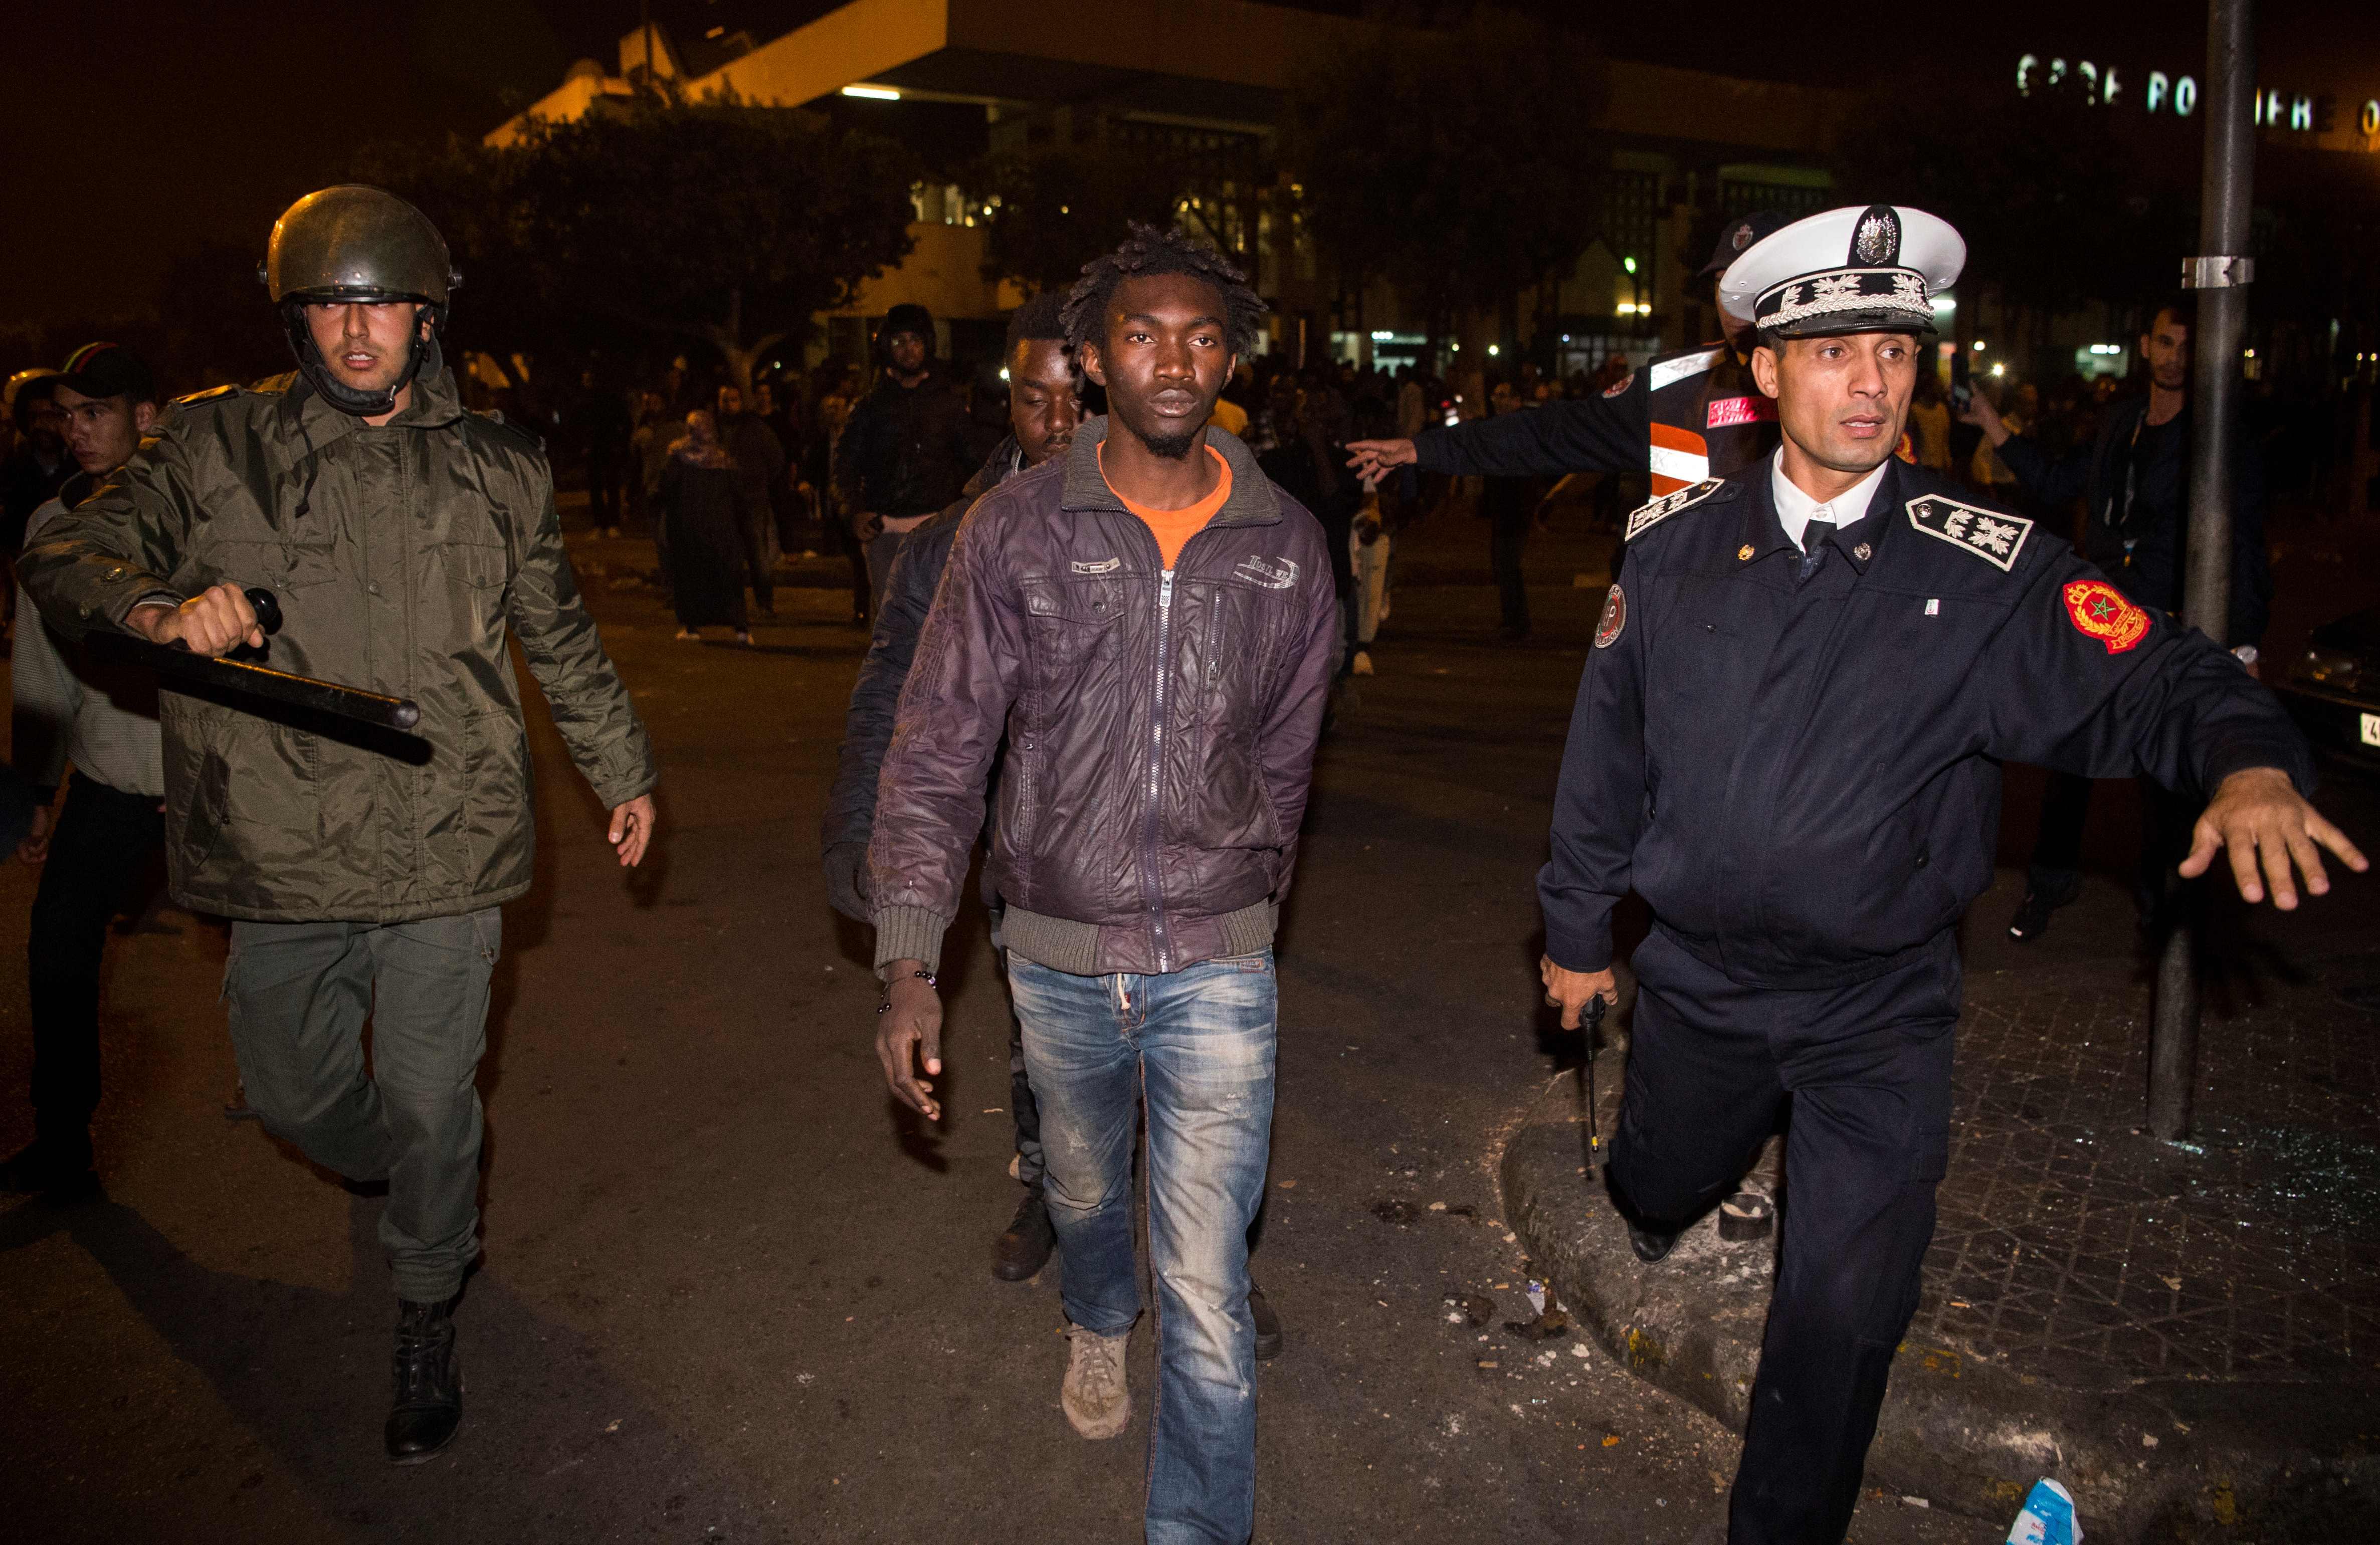 الشرطة المغربية تعتقل عدد من المهاجرين المتسببين فى أعمال عنف